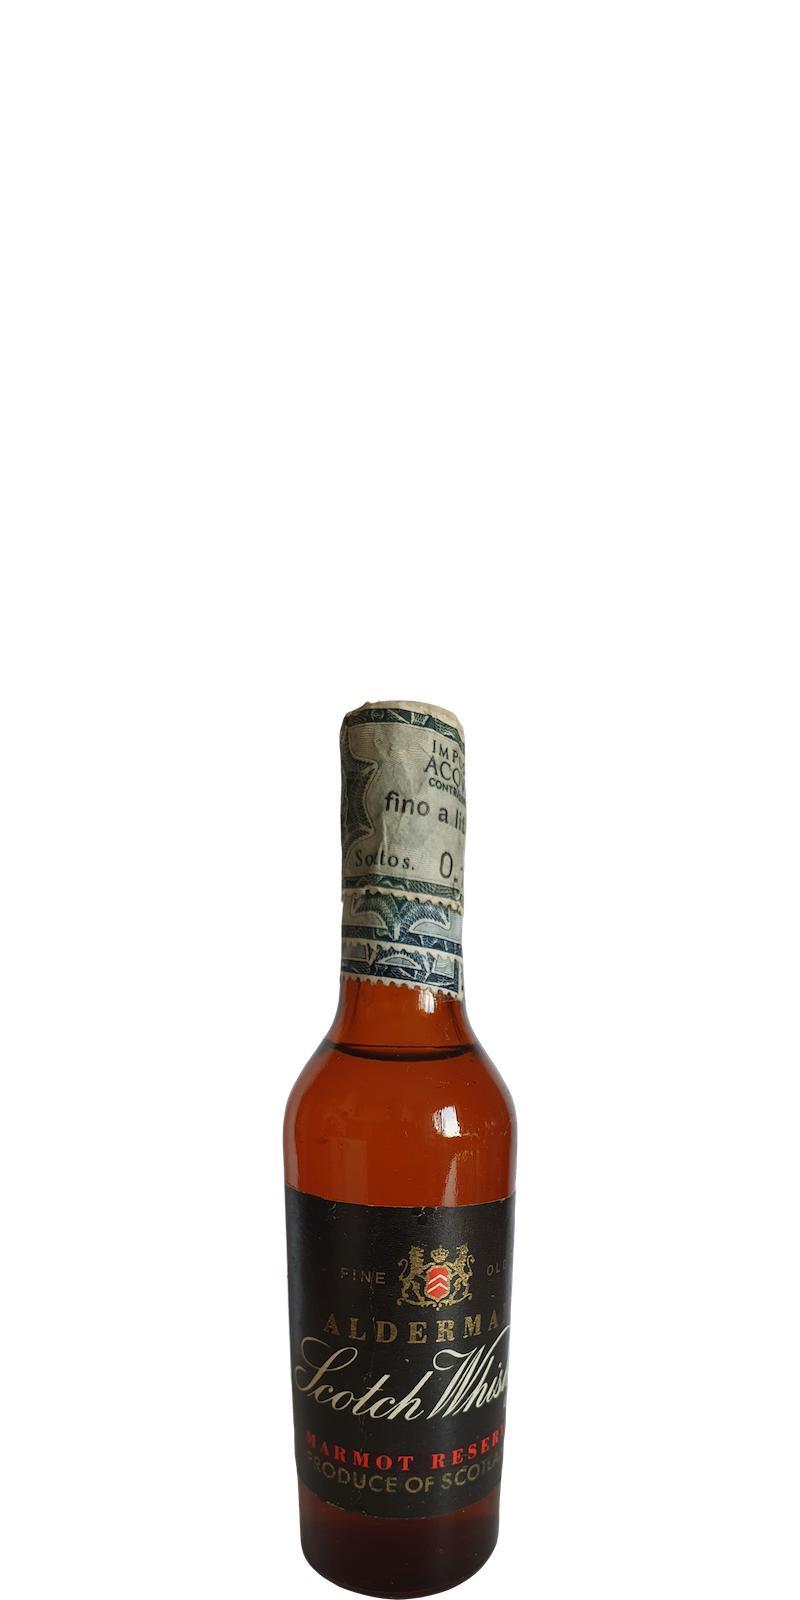 Alderman Scotch Whisky